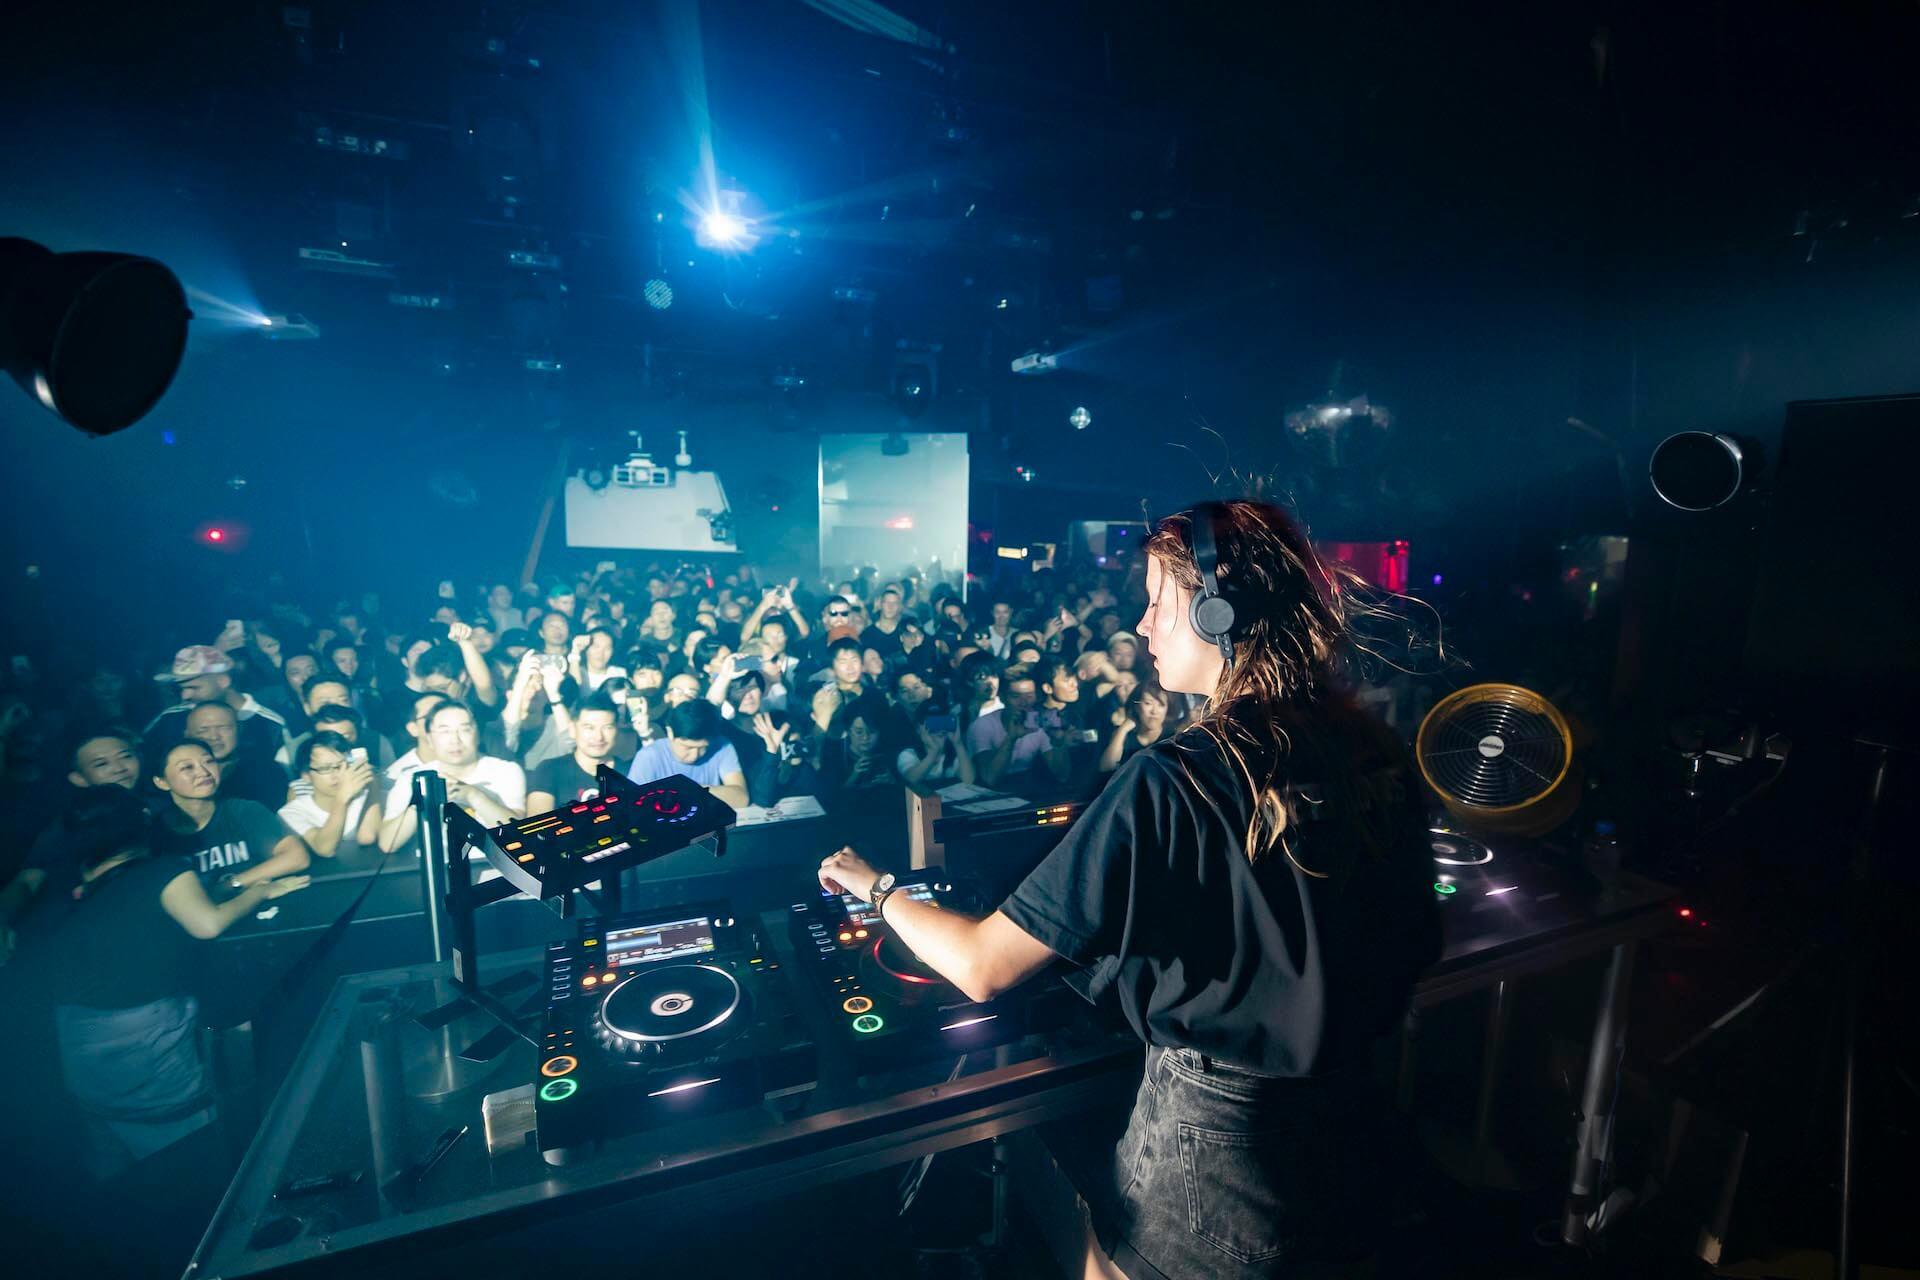 ベルギーの女性DJ・Charlotte de Witte×<ALIVE presents REBOOT>が東京のクラブナイトを再び更新する music190920_charlotte_10